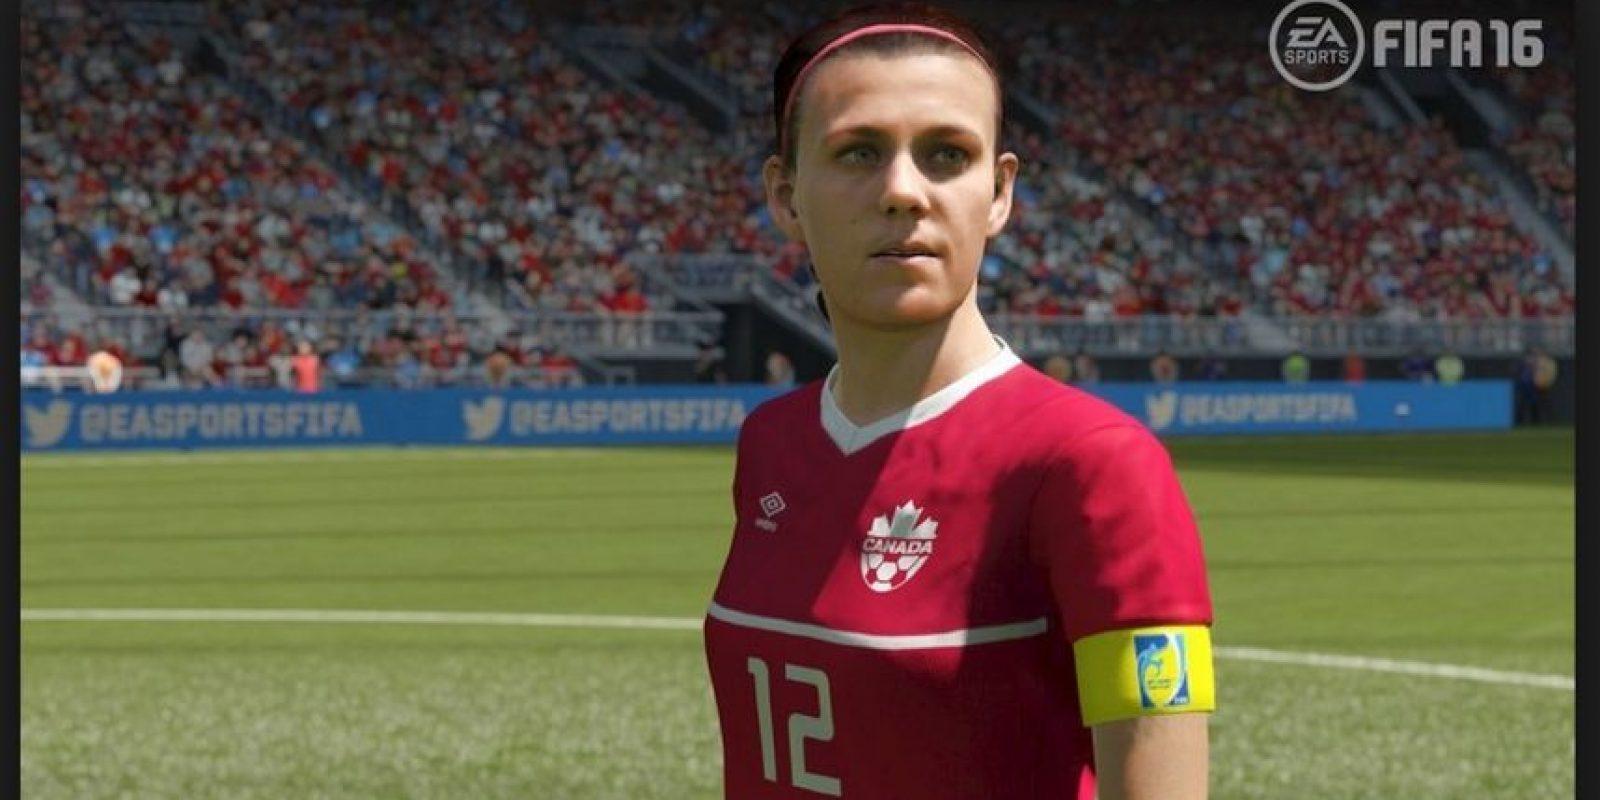 FIFA 16: La inclusión del fútbol femenino con 12 combinados nacionales Foto:EASport